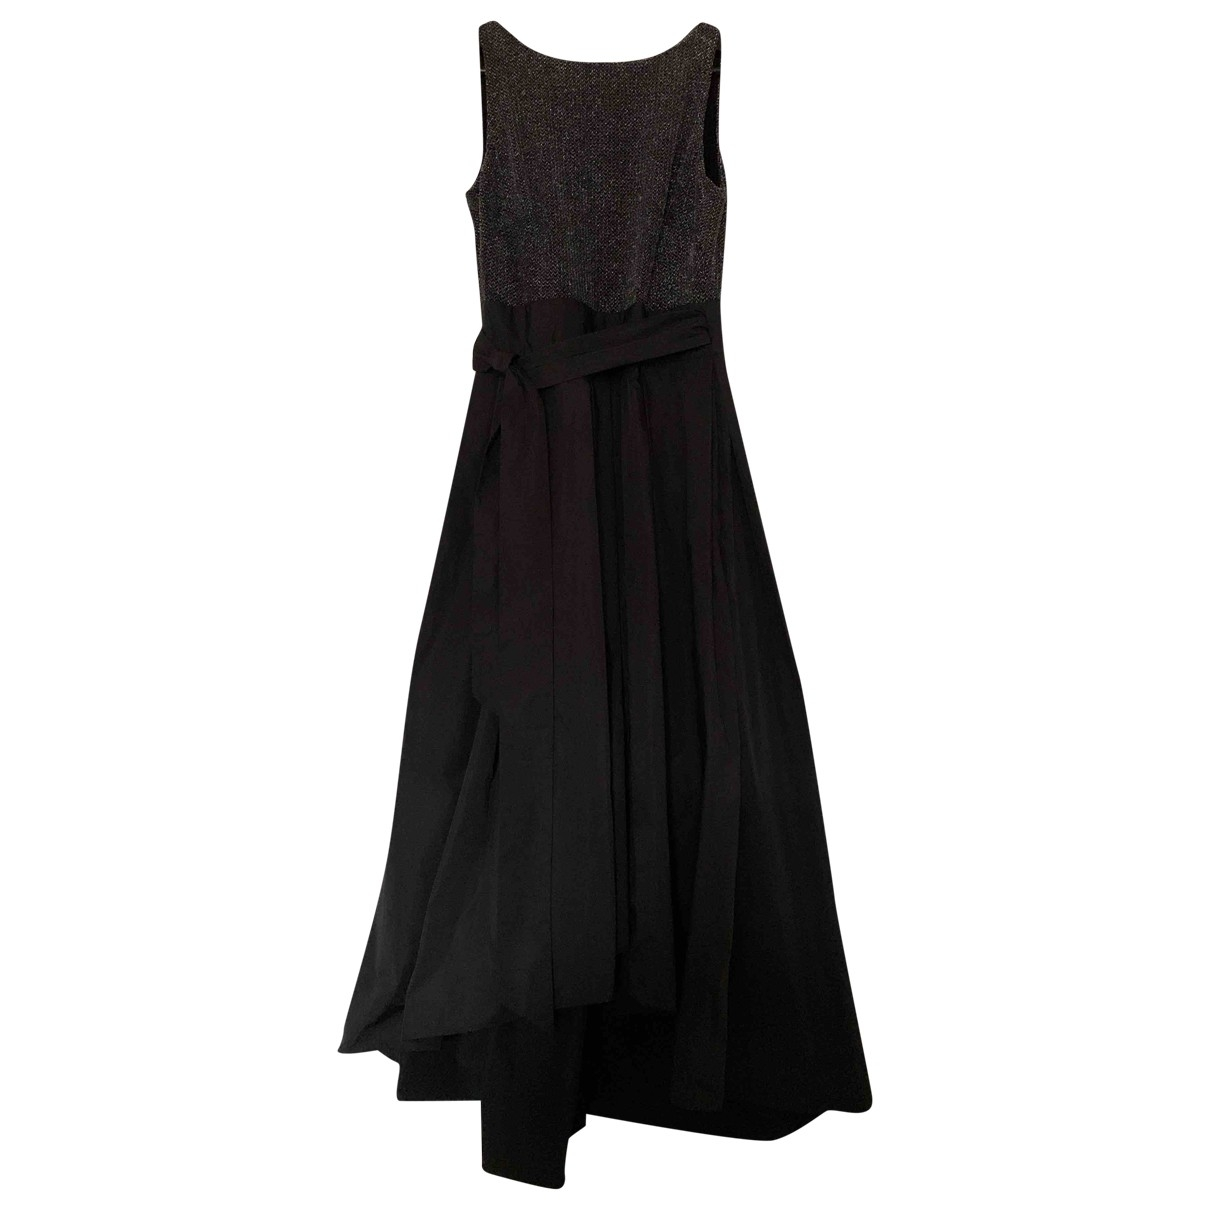 Lauren Ralph Lauren \N Kleid in  Schwarz Polyester